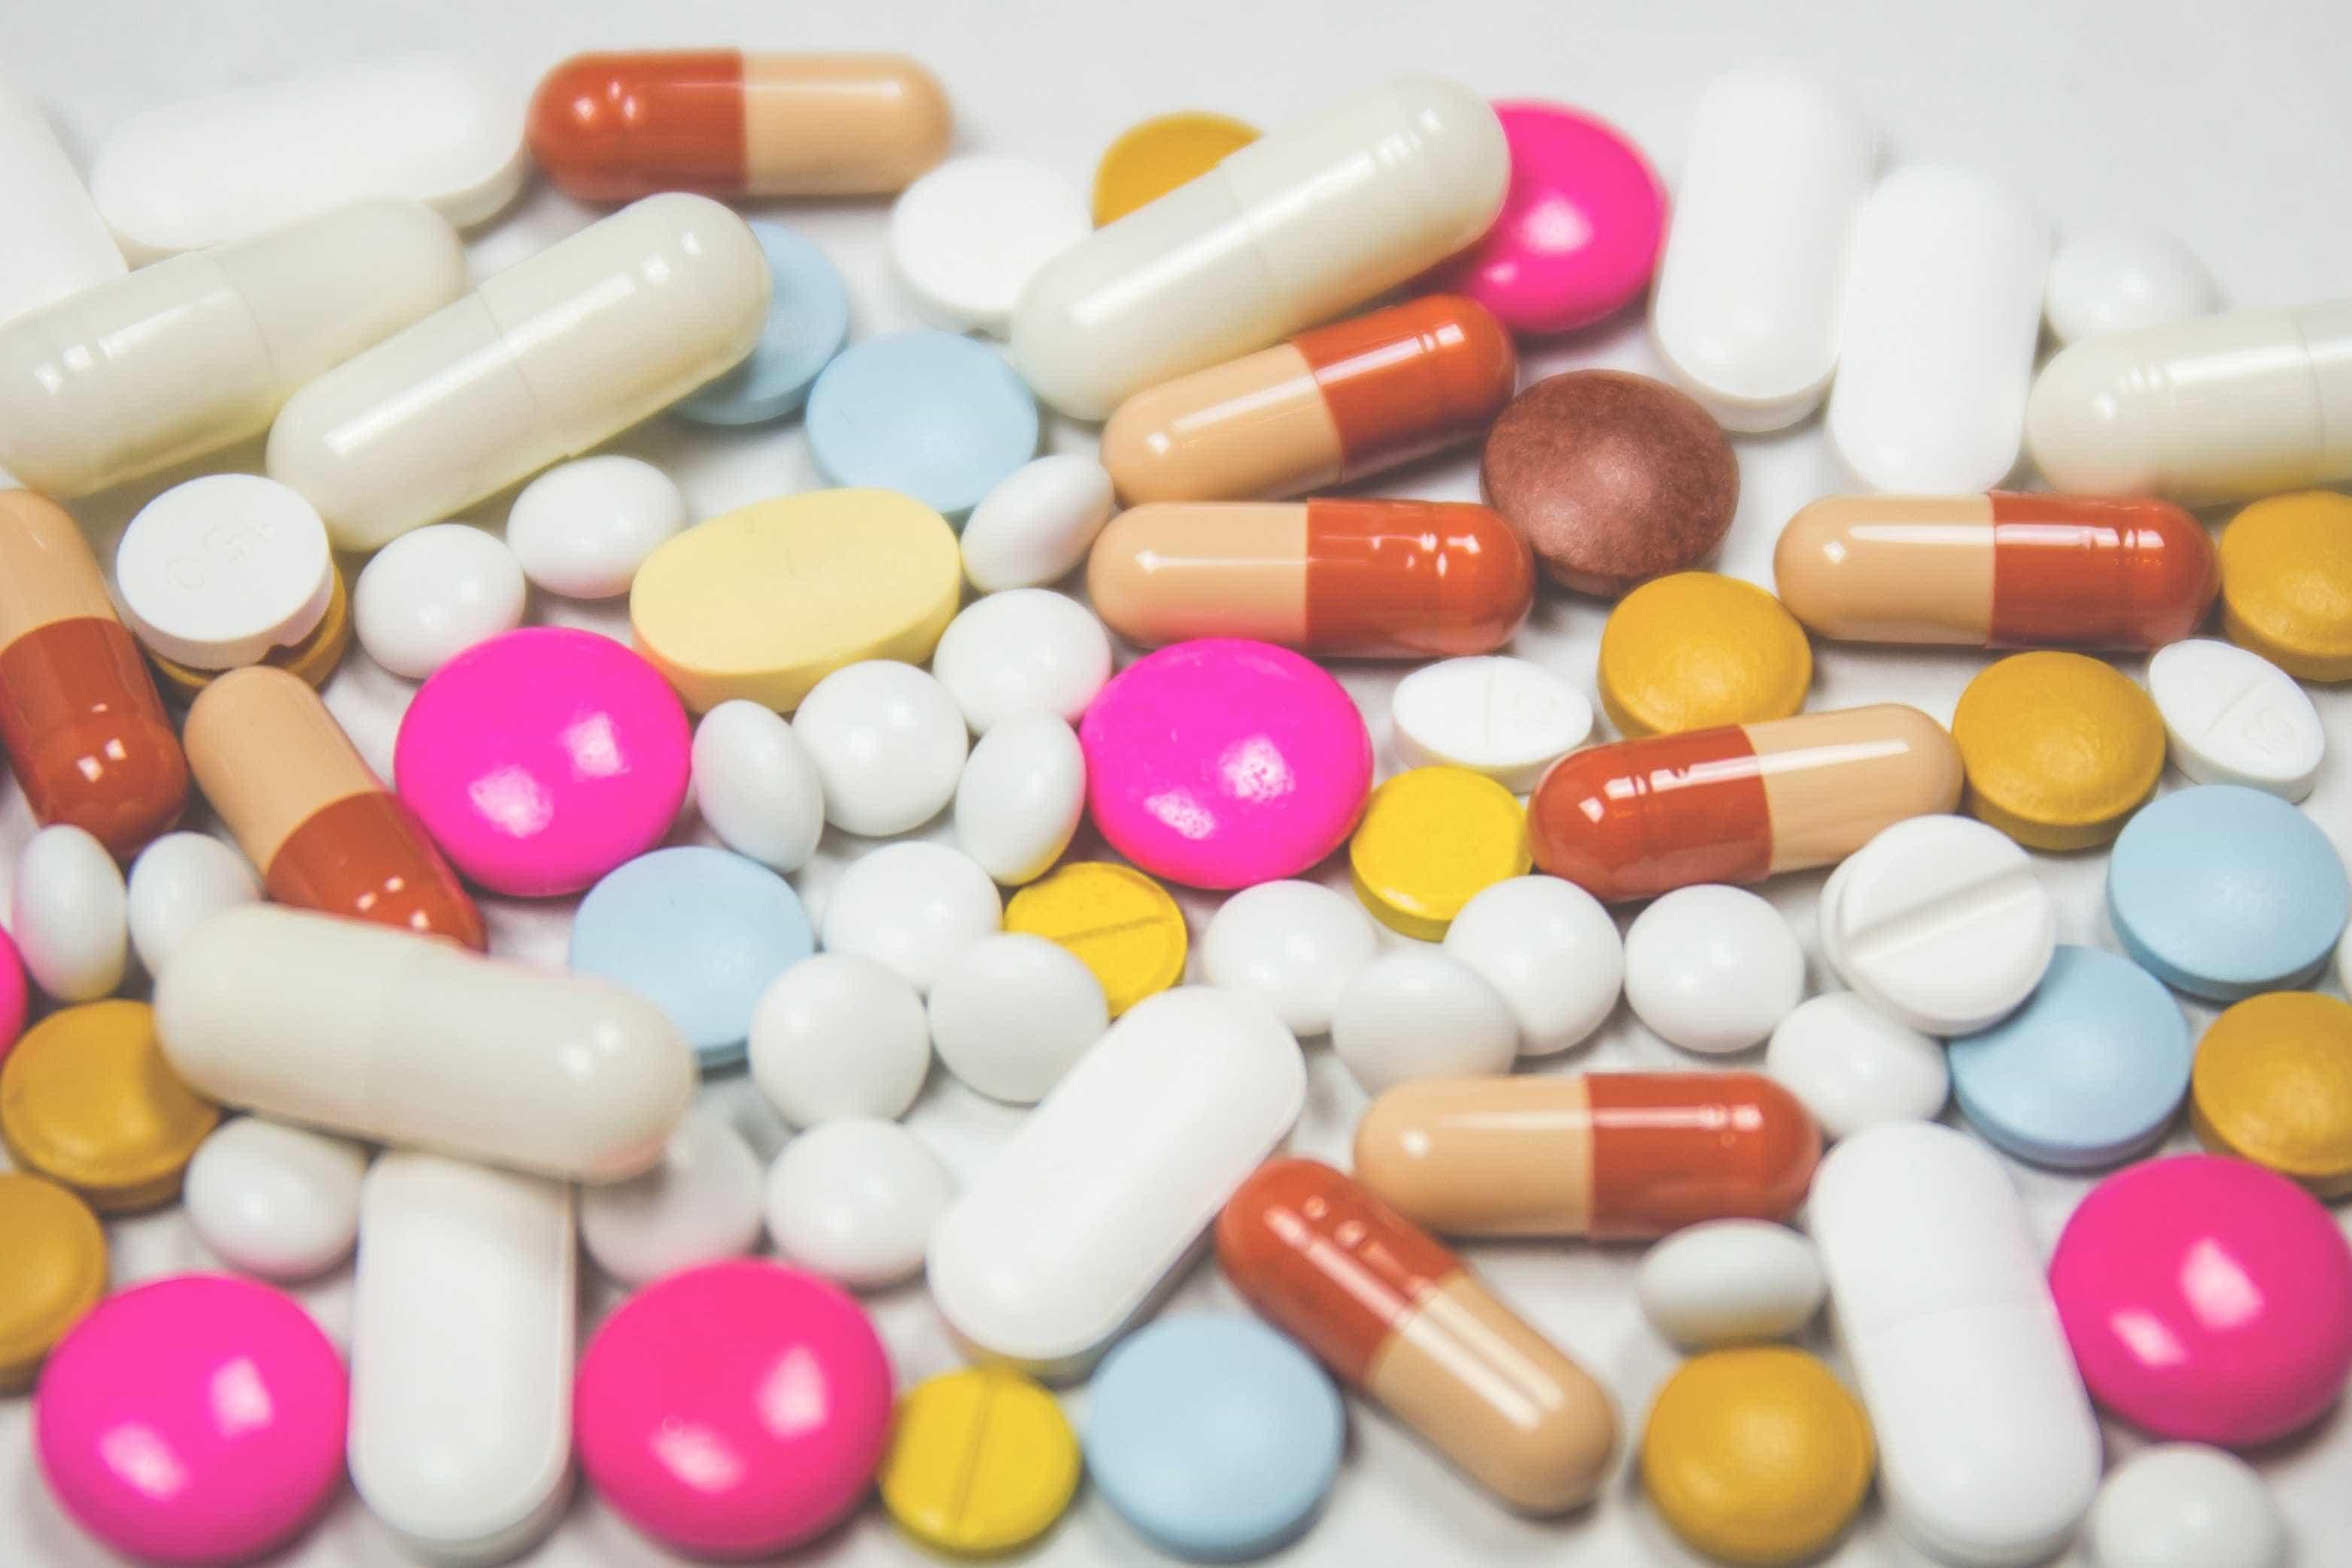 Anvisa proíbe dois remédios clandestinos e suspende venda de valsartana